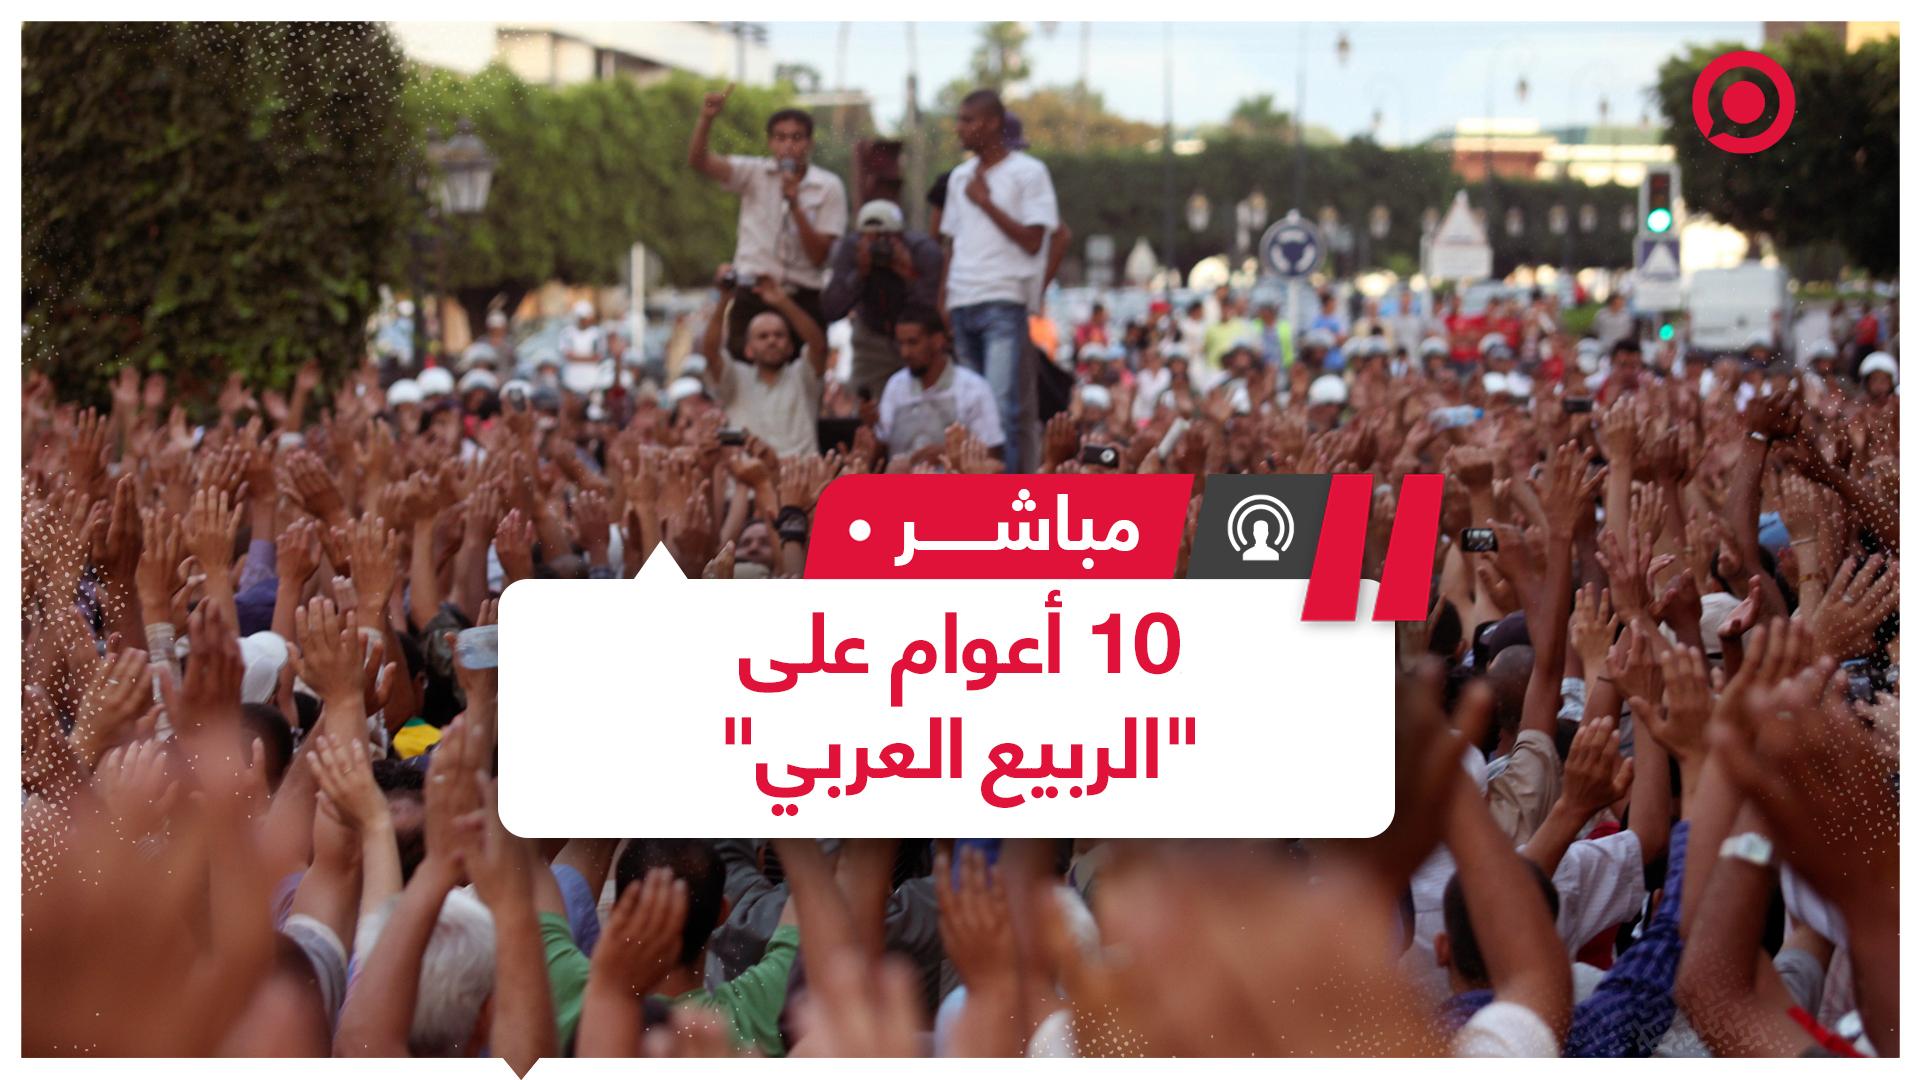 10 سنوات على الربيع العربي ما الذي تحقق وماذا خلّفت الثورات؟